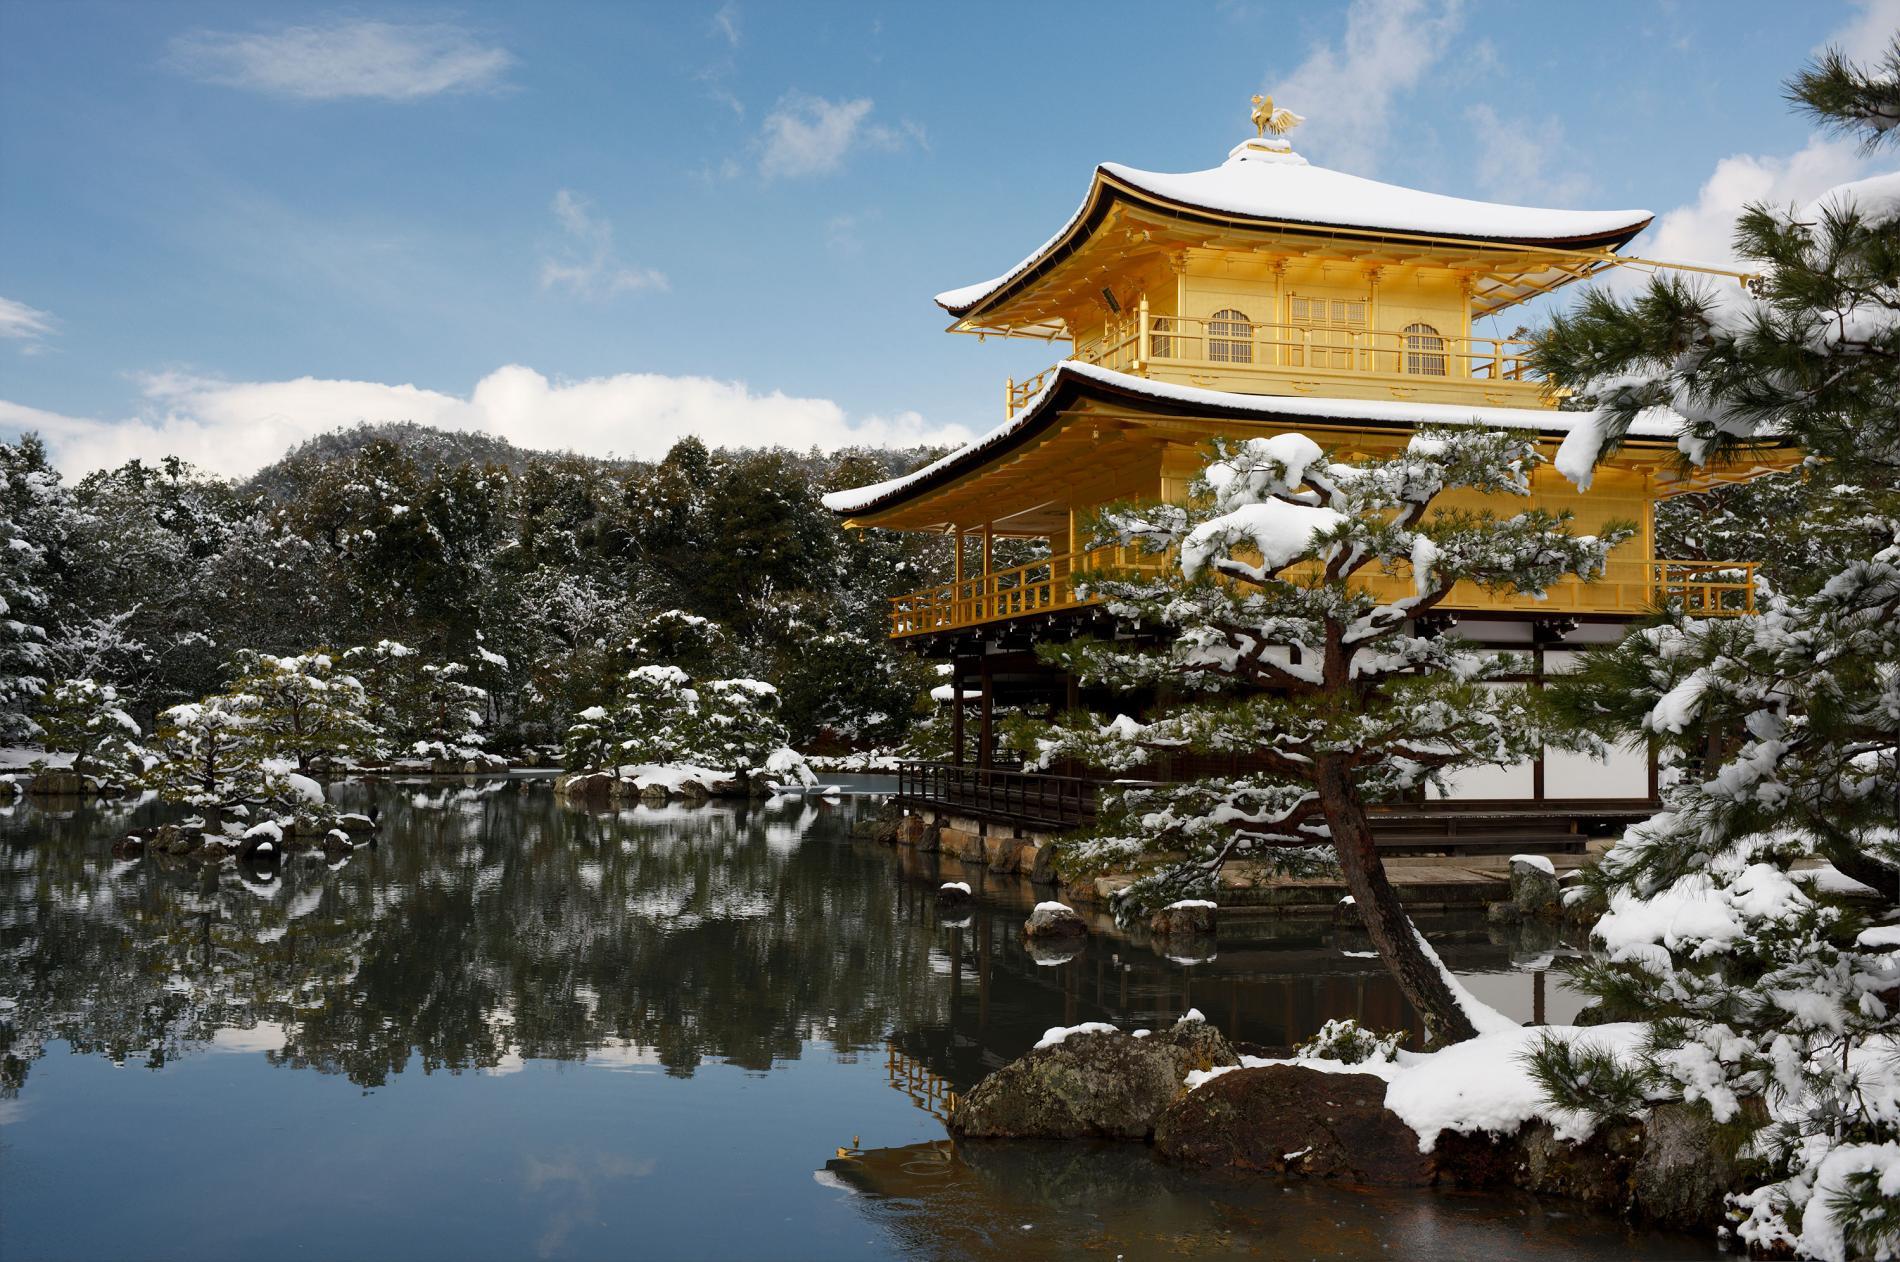 Lầu vàng son vào mùa Đông bên Nhật